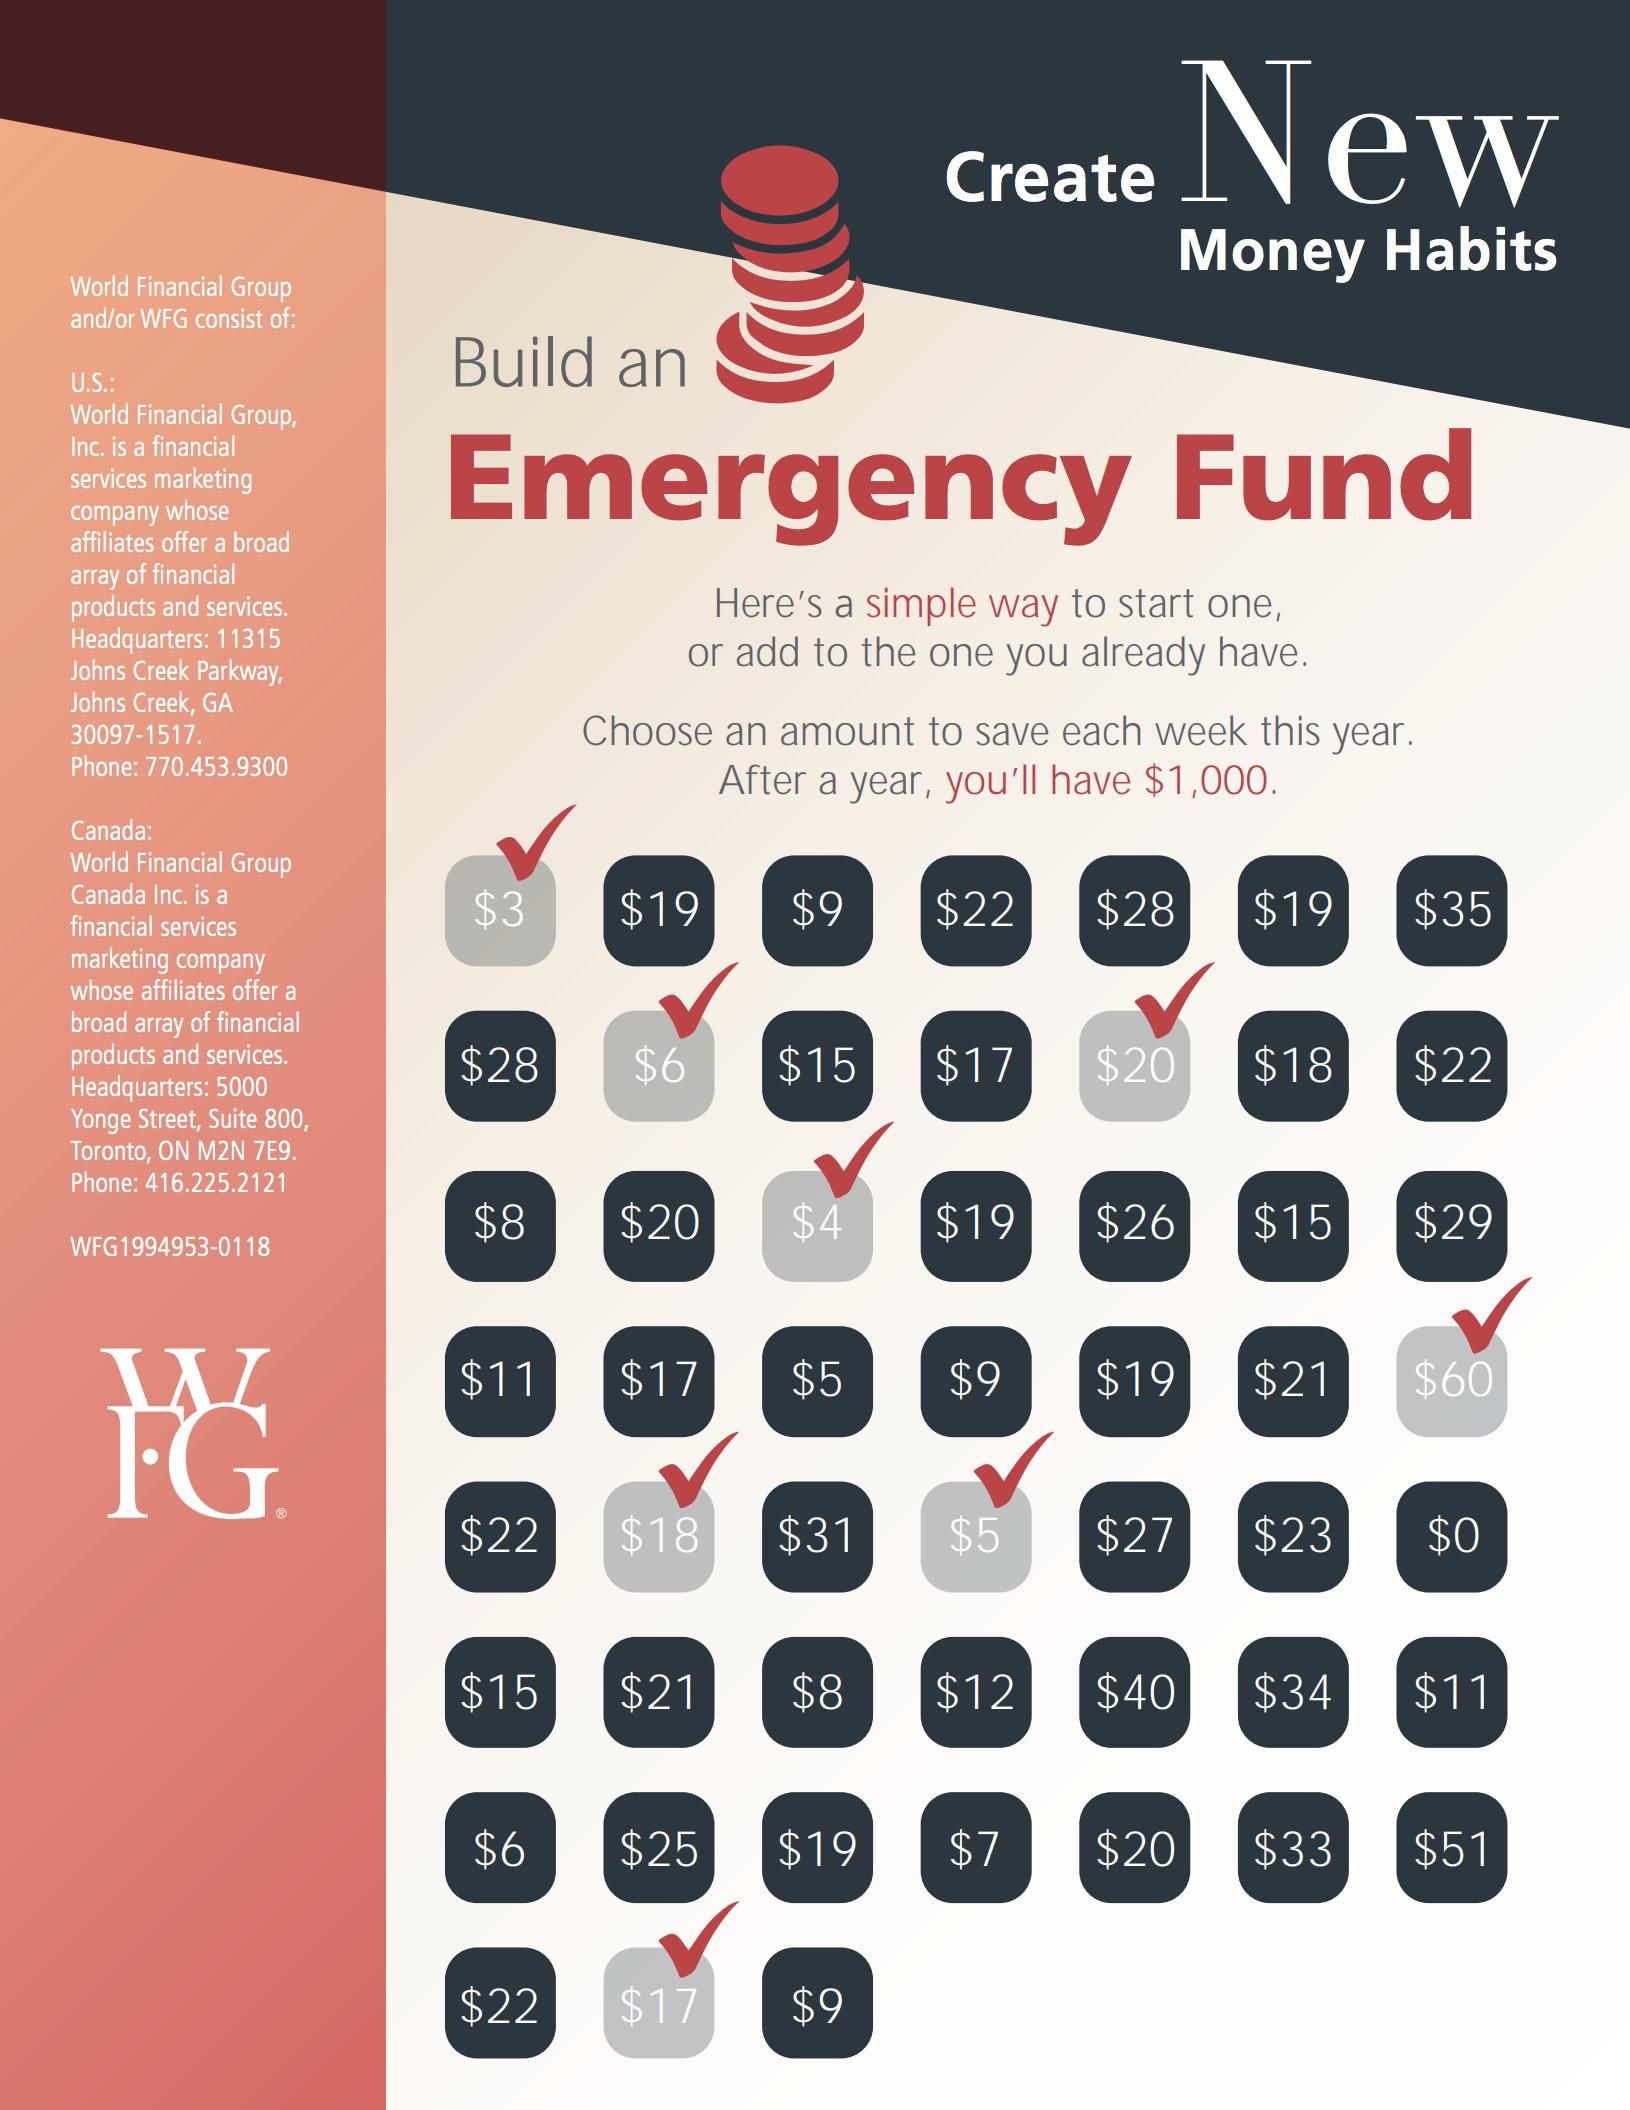 New Money Habits - Emergency Fund